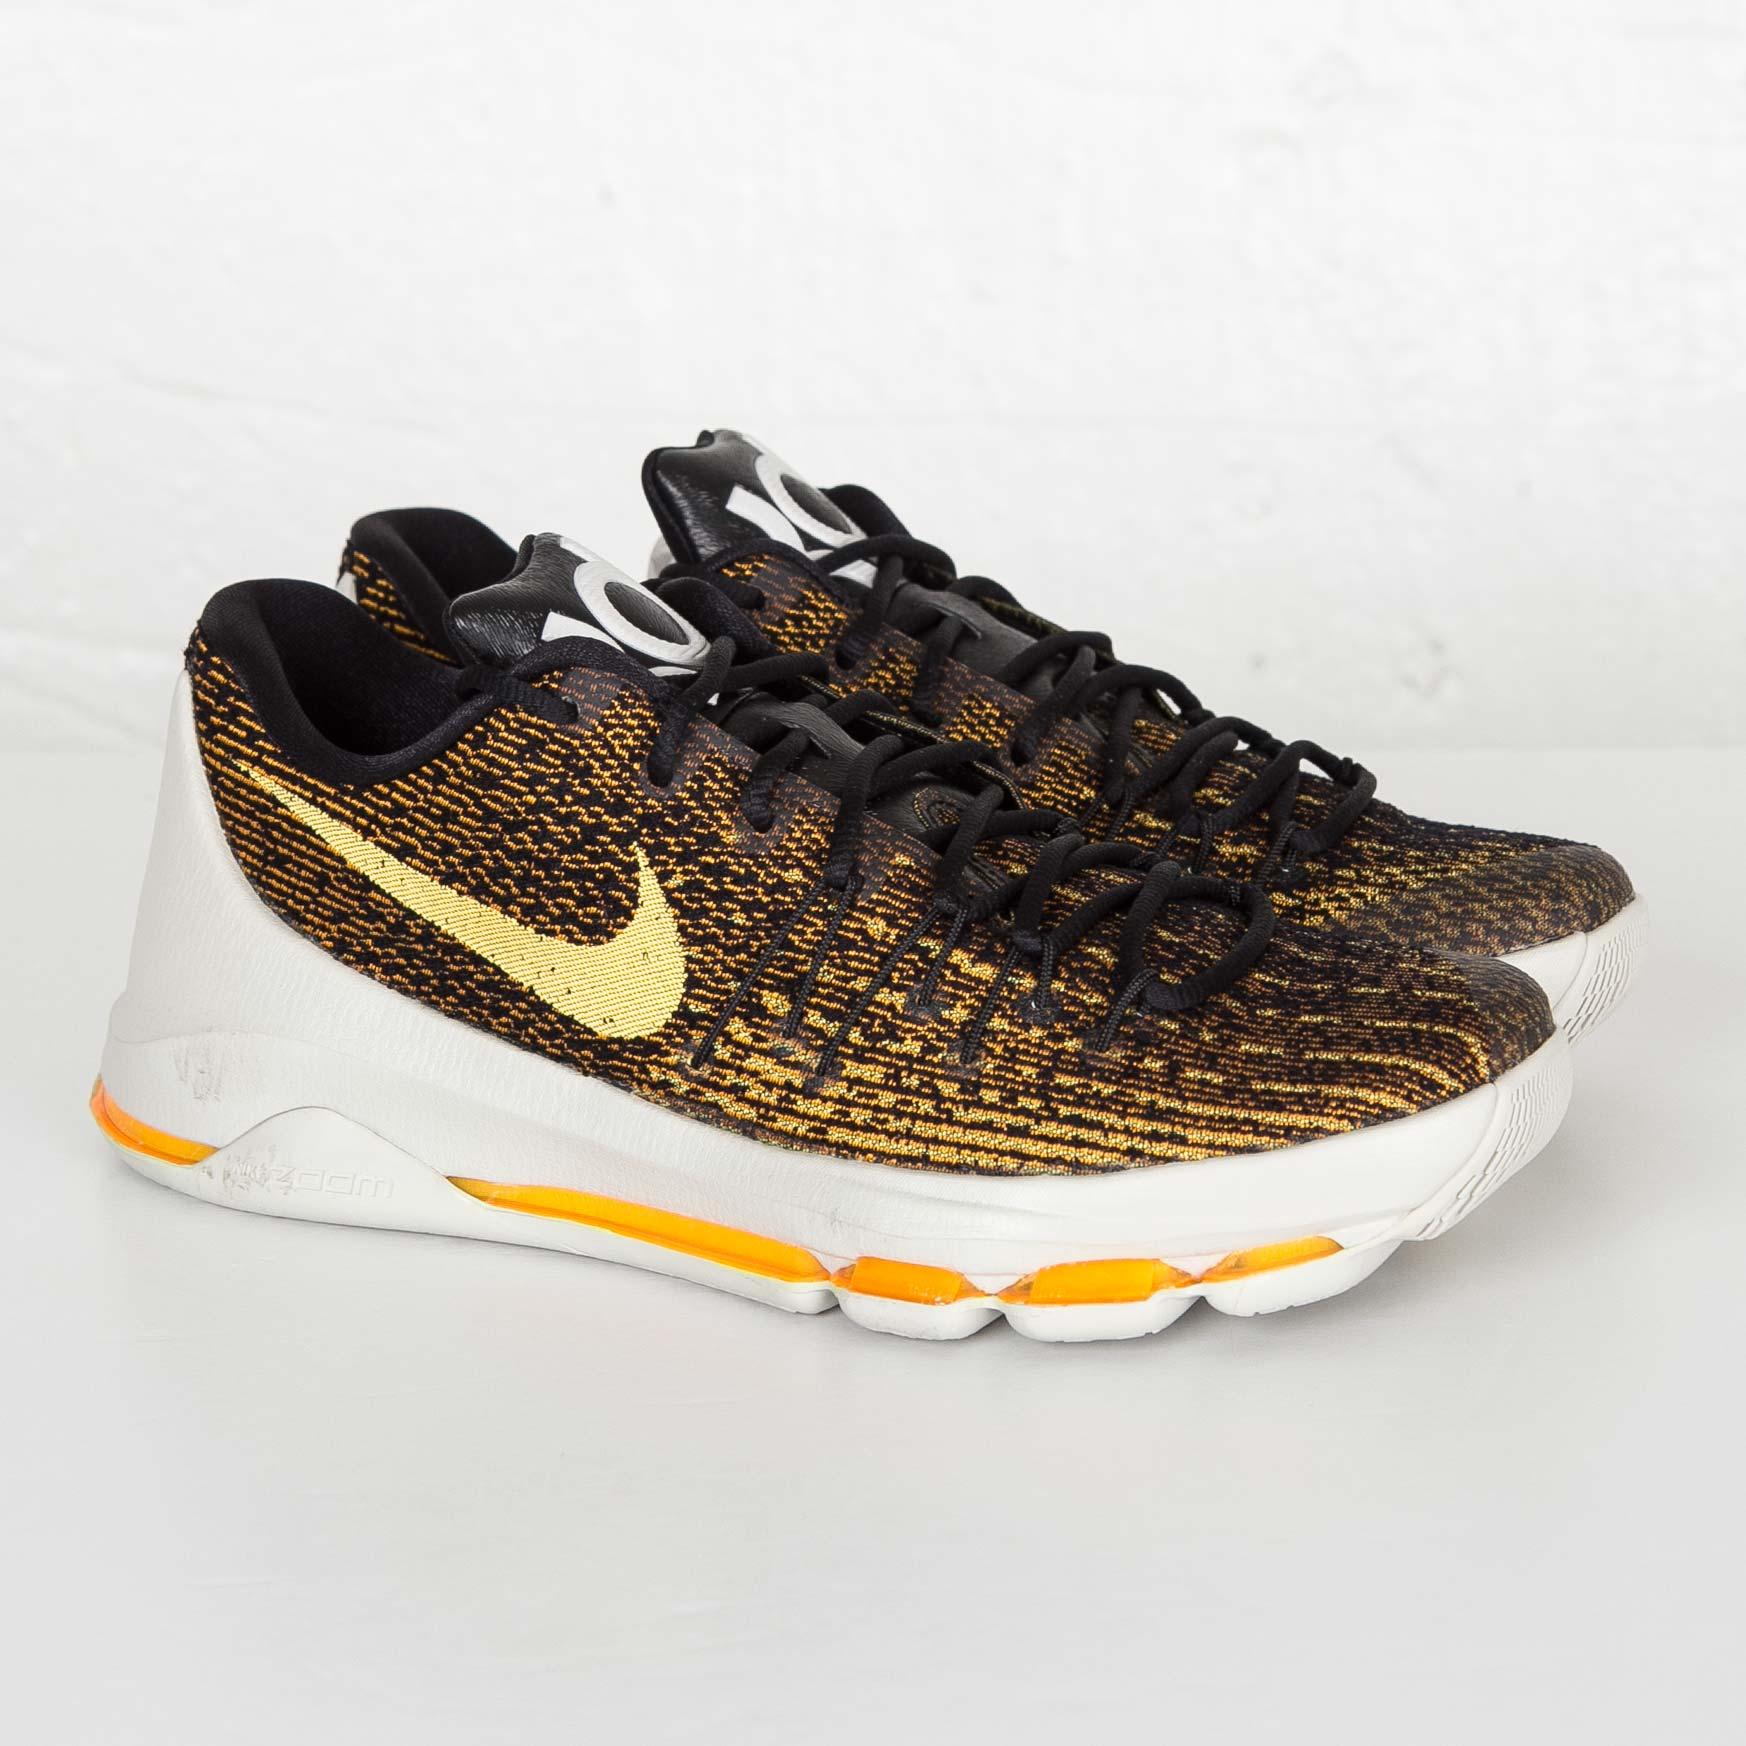 8c92b7bcb798 Nike KD 8 - 749375-880 - Sneakersnstuff